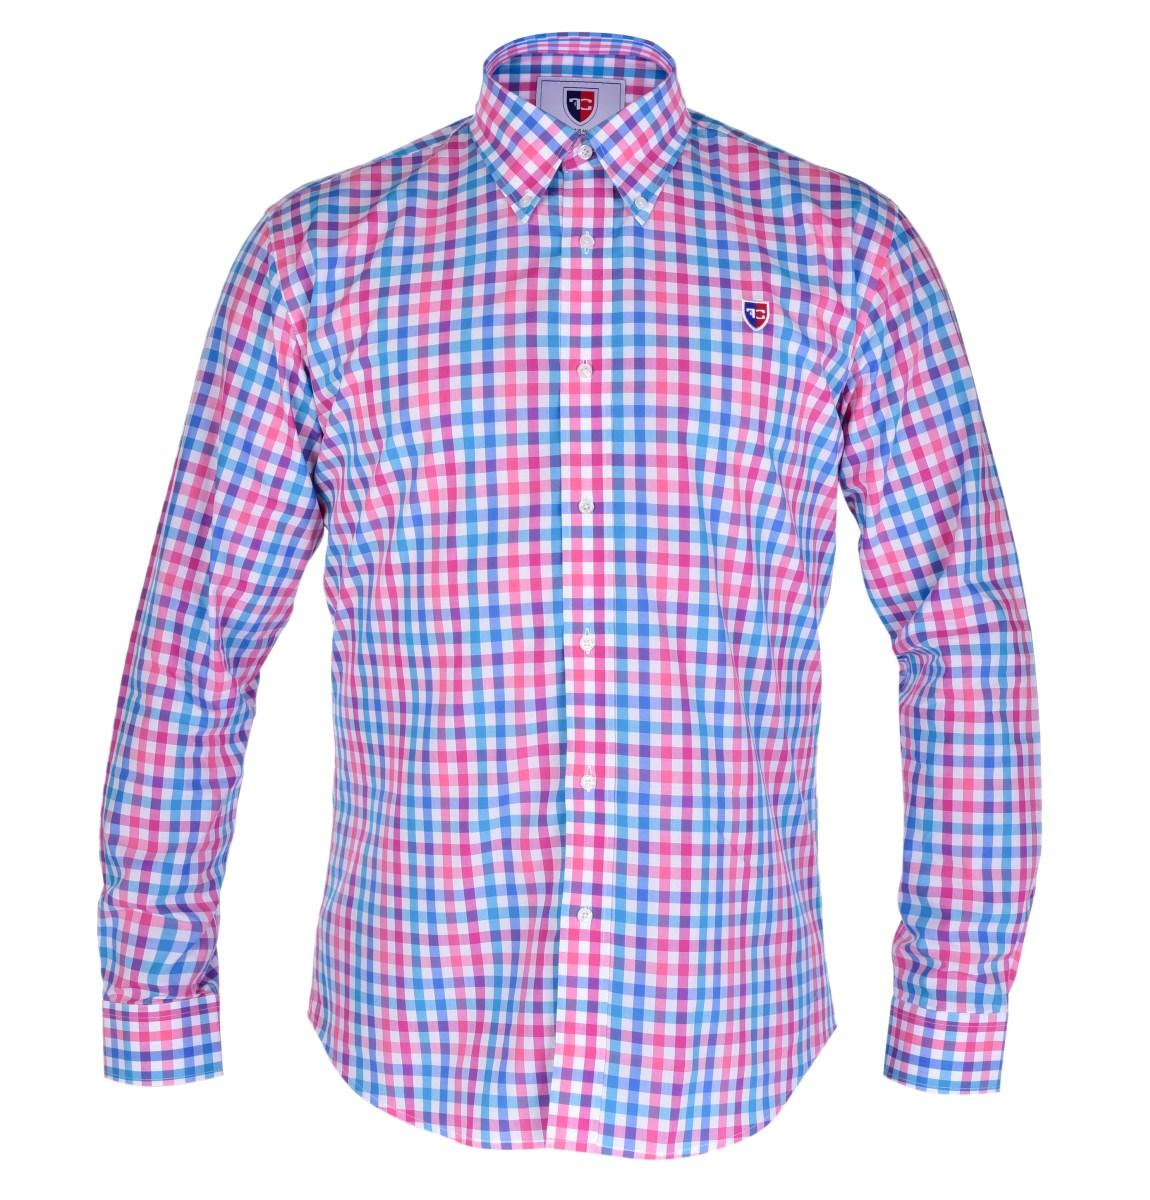 KENT košile slim fit s dlouhým rukávem  pink & blue caro L